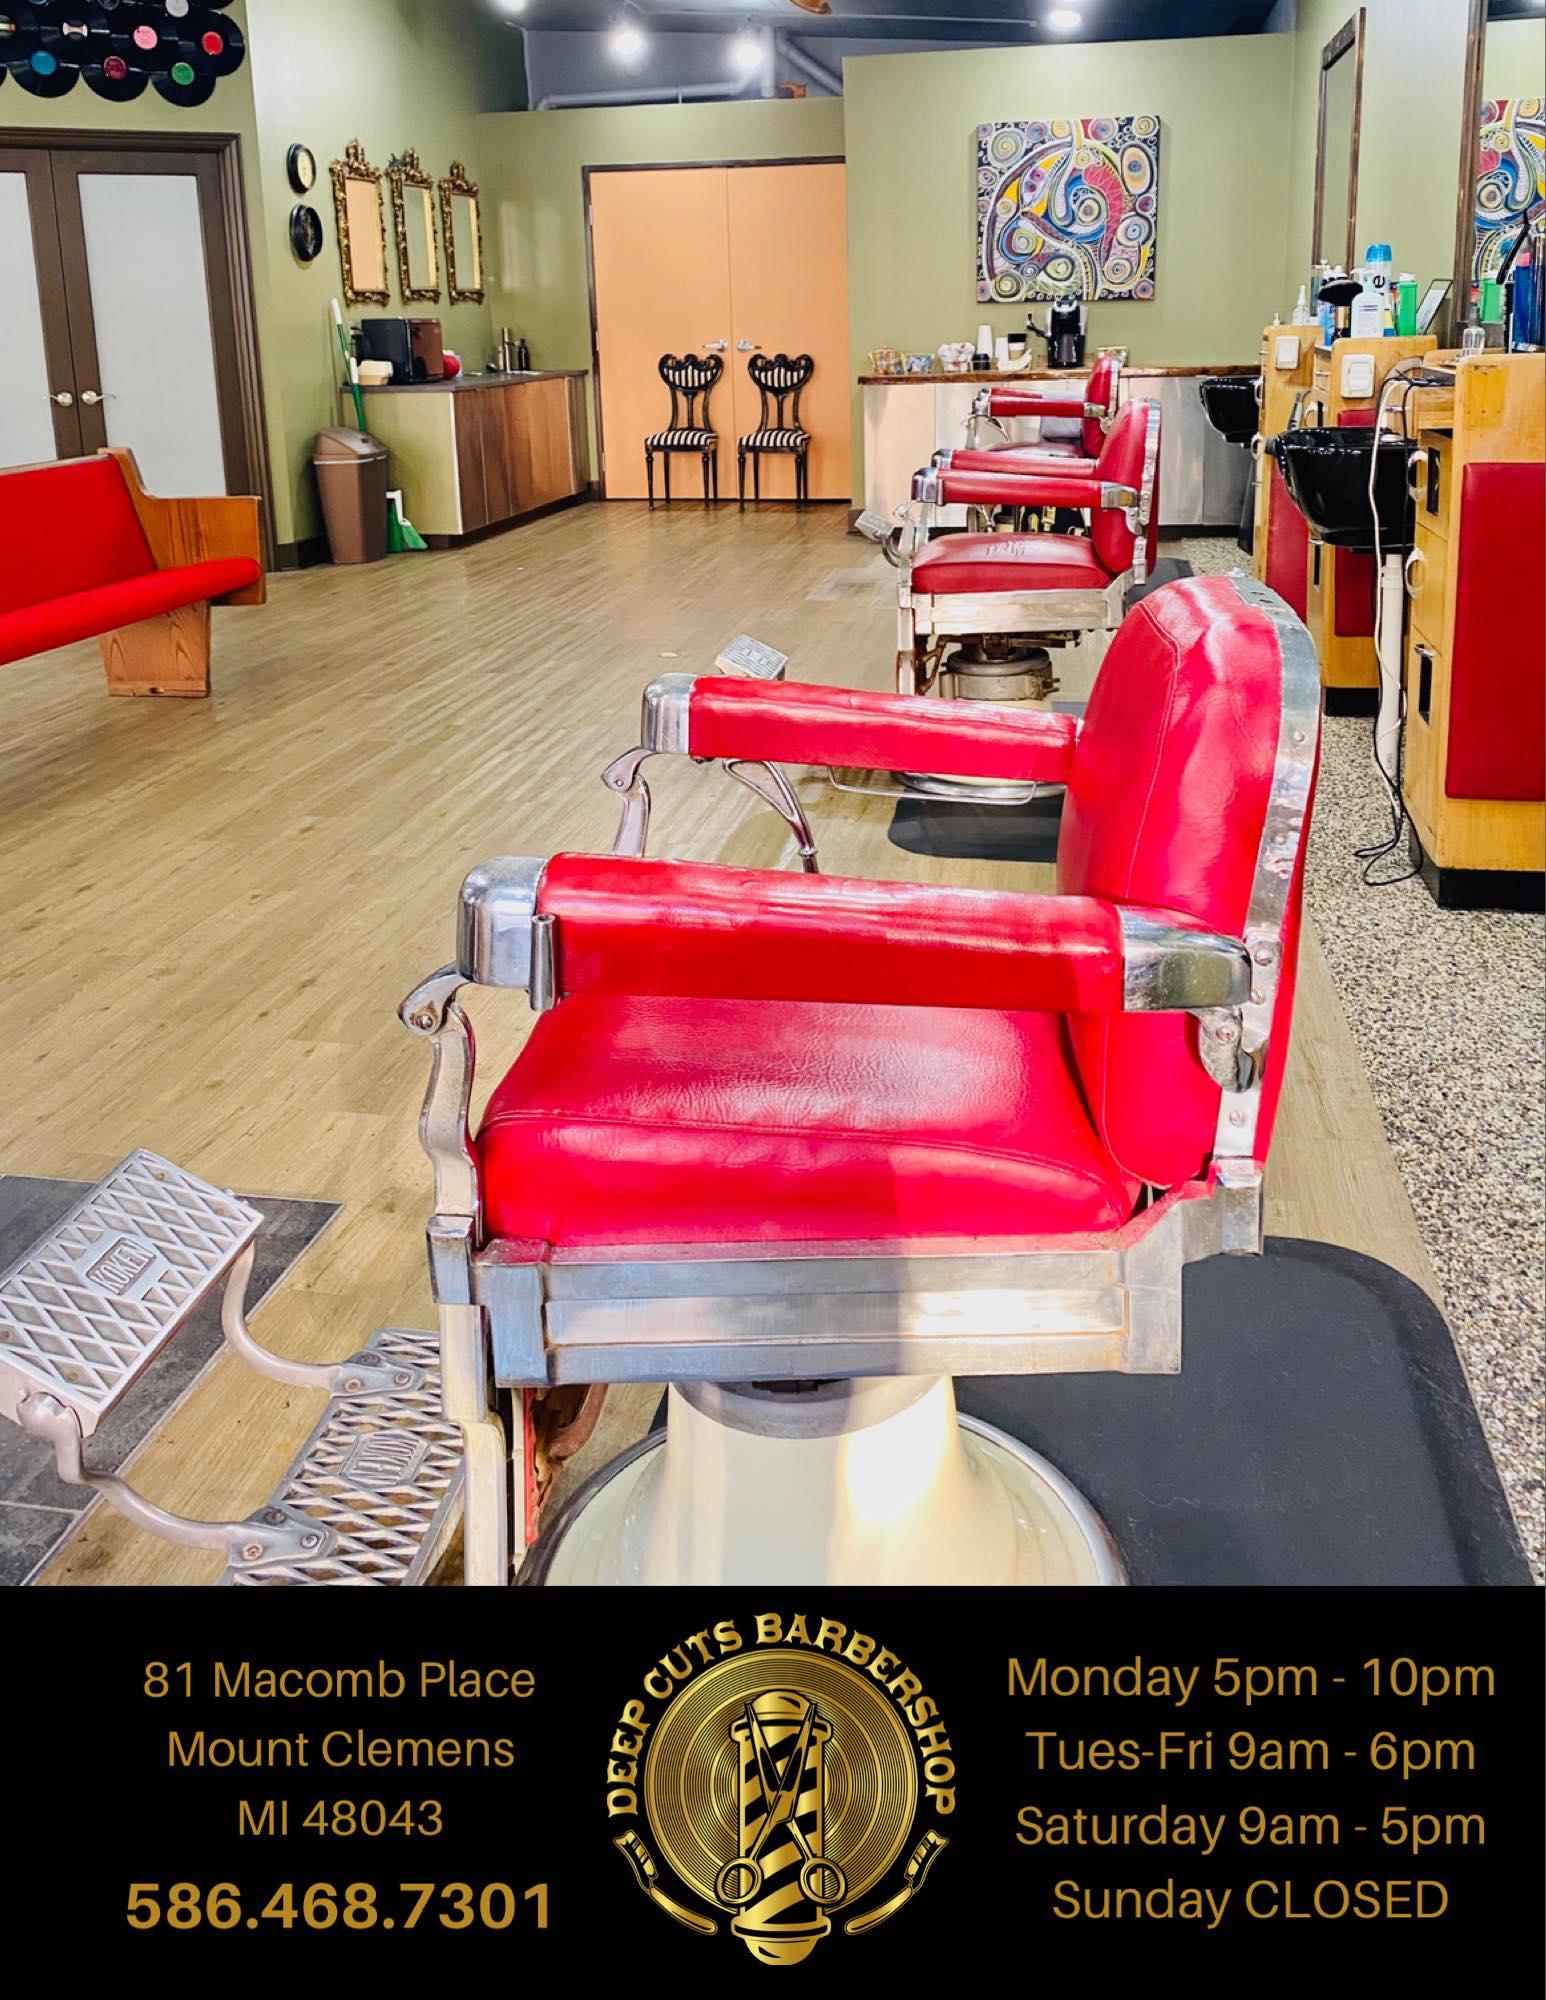 Deep Cuts Barbershop 81 Macomb Pl, Mt Clemens